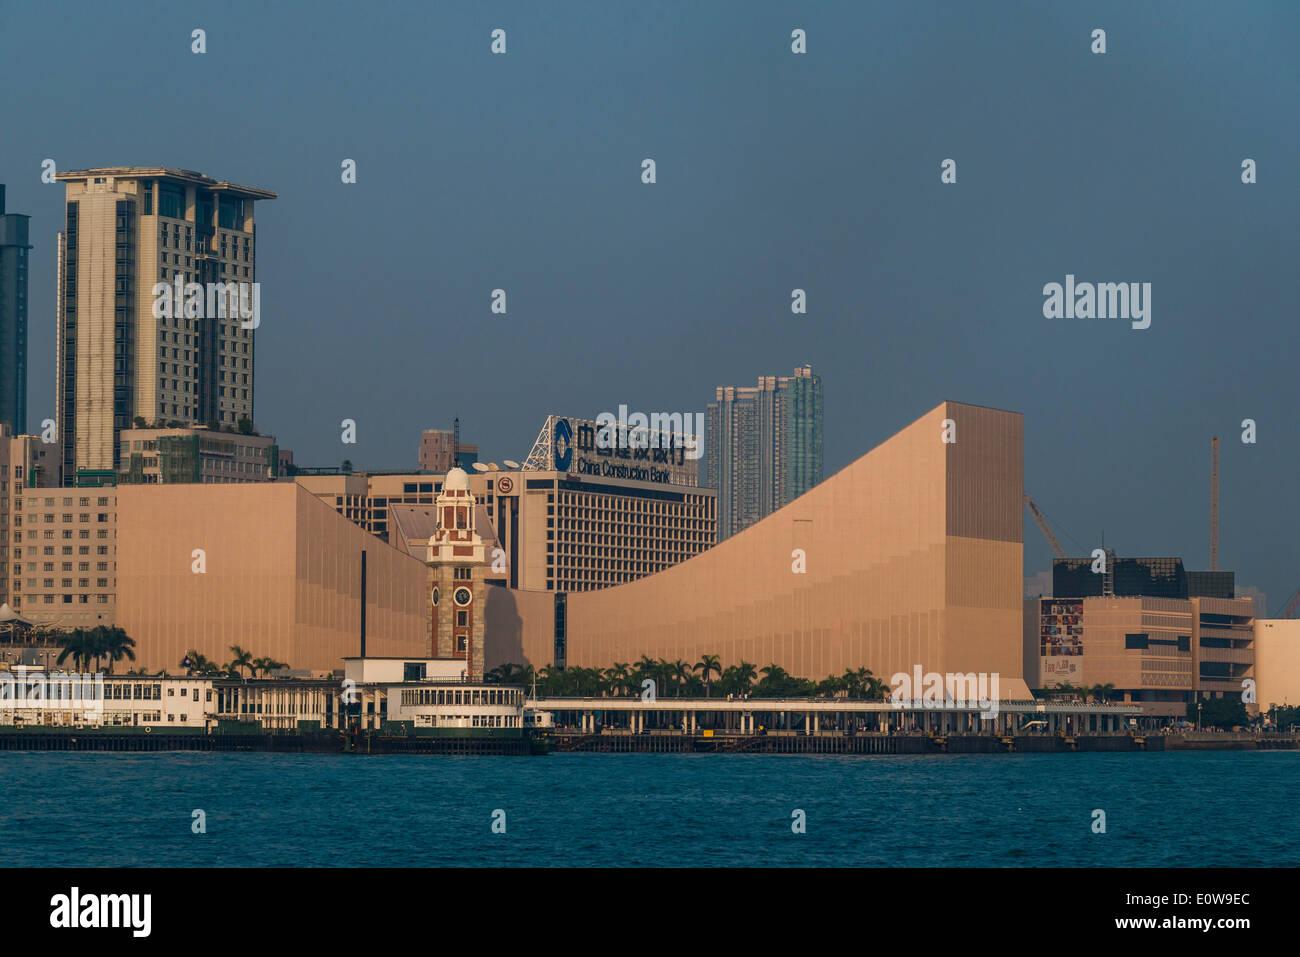 Clock Tower and the Hong Kong Museum of Art, Kowloon, Hong Kong, China - Stock Image